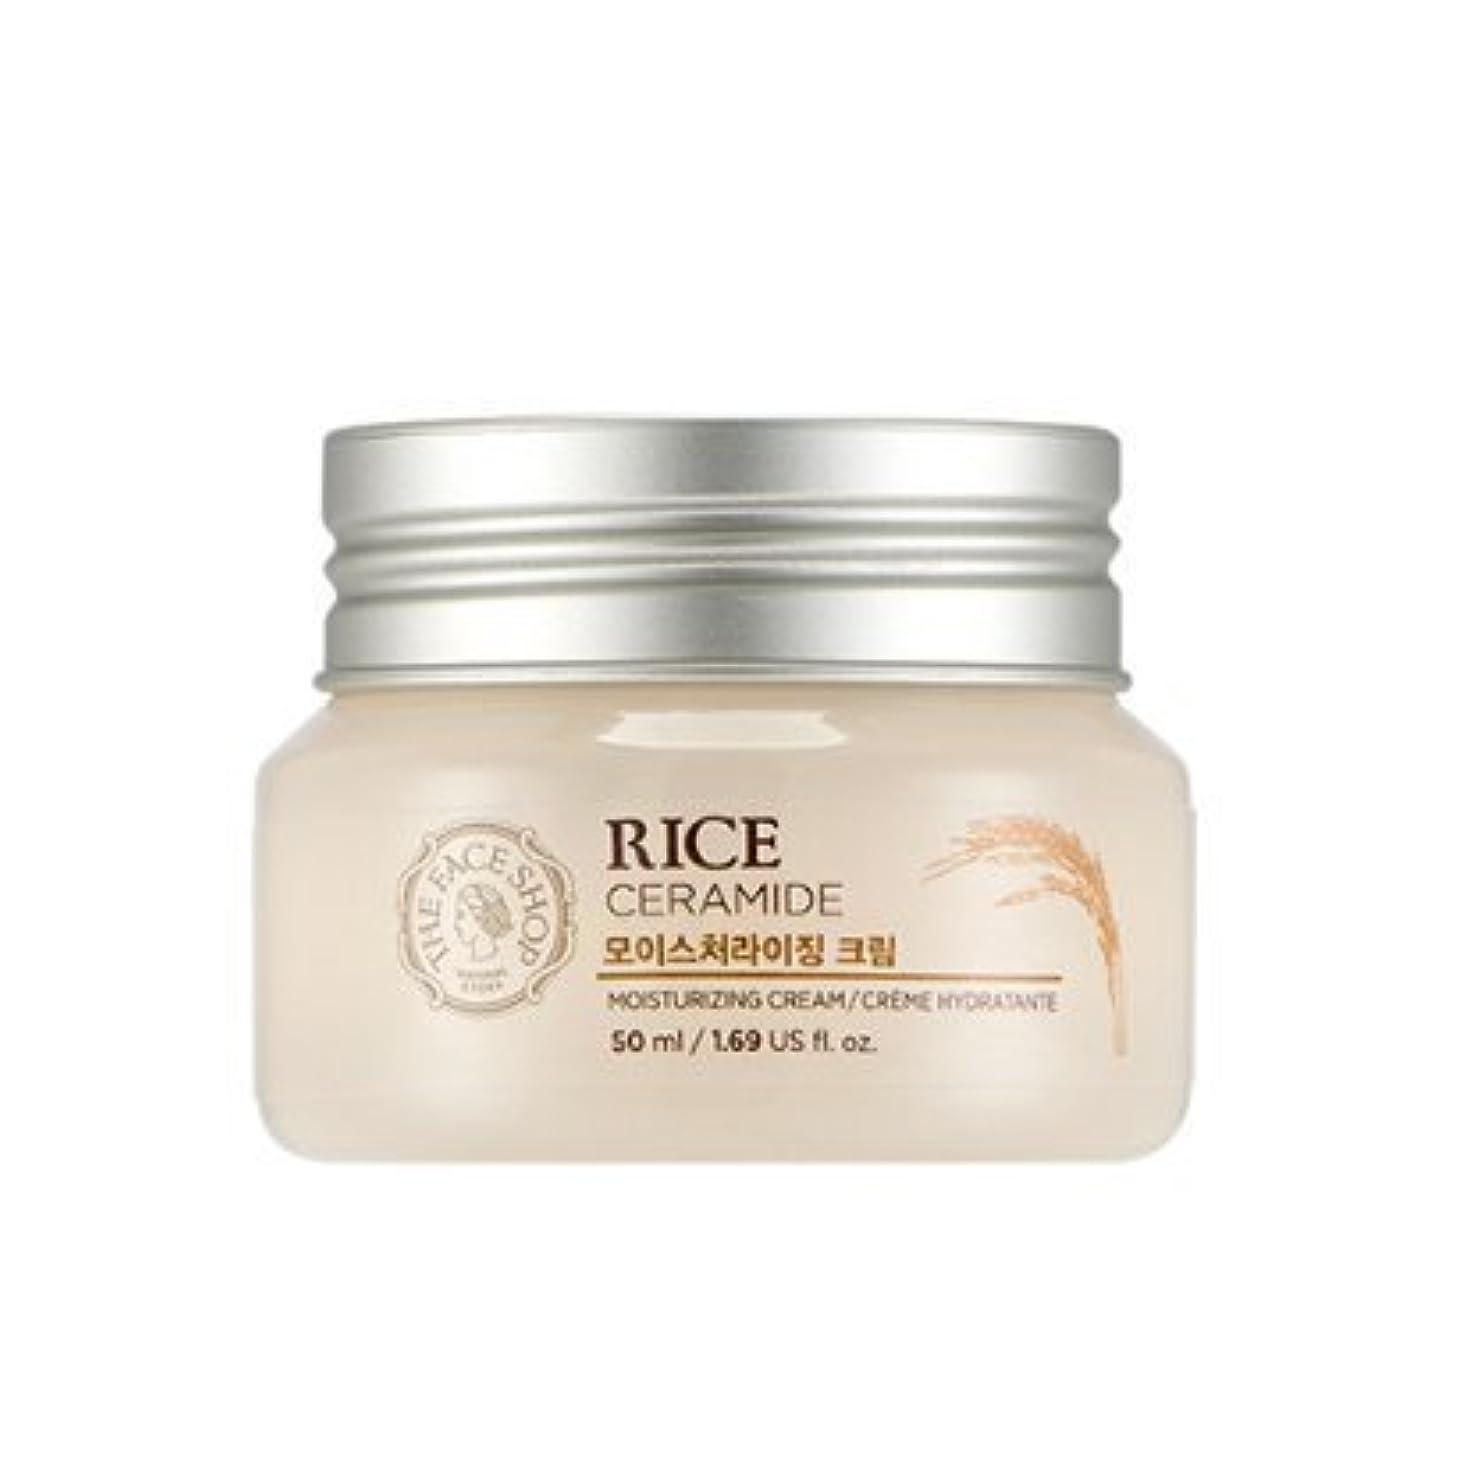 テクスチャー運営君主THE FACE SHOP Rice & Ceramide Moisturizing Cream ザフェイスショップ ライス&セラミドモイスチャーライジングクリーム [並行輸入品]